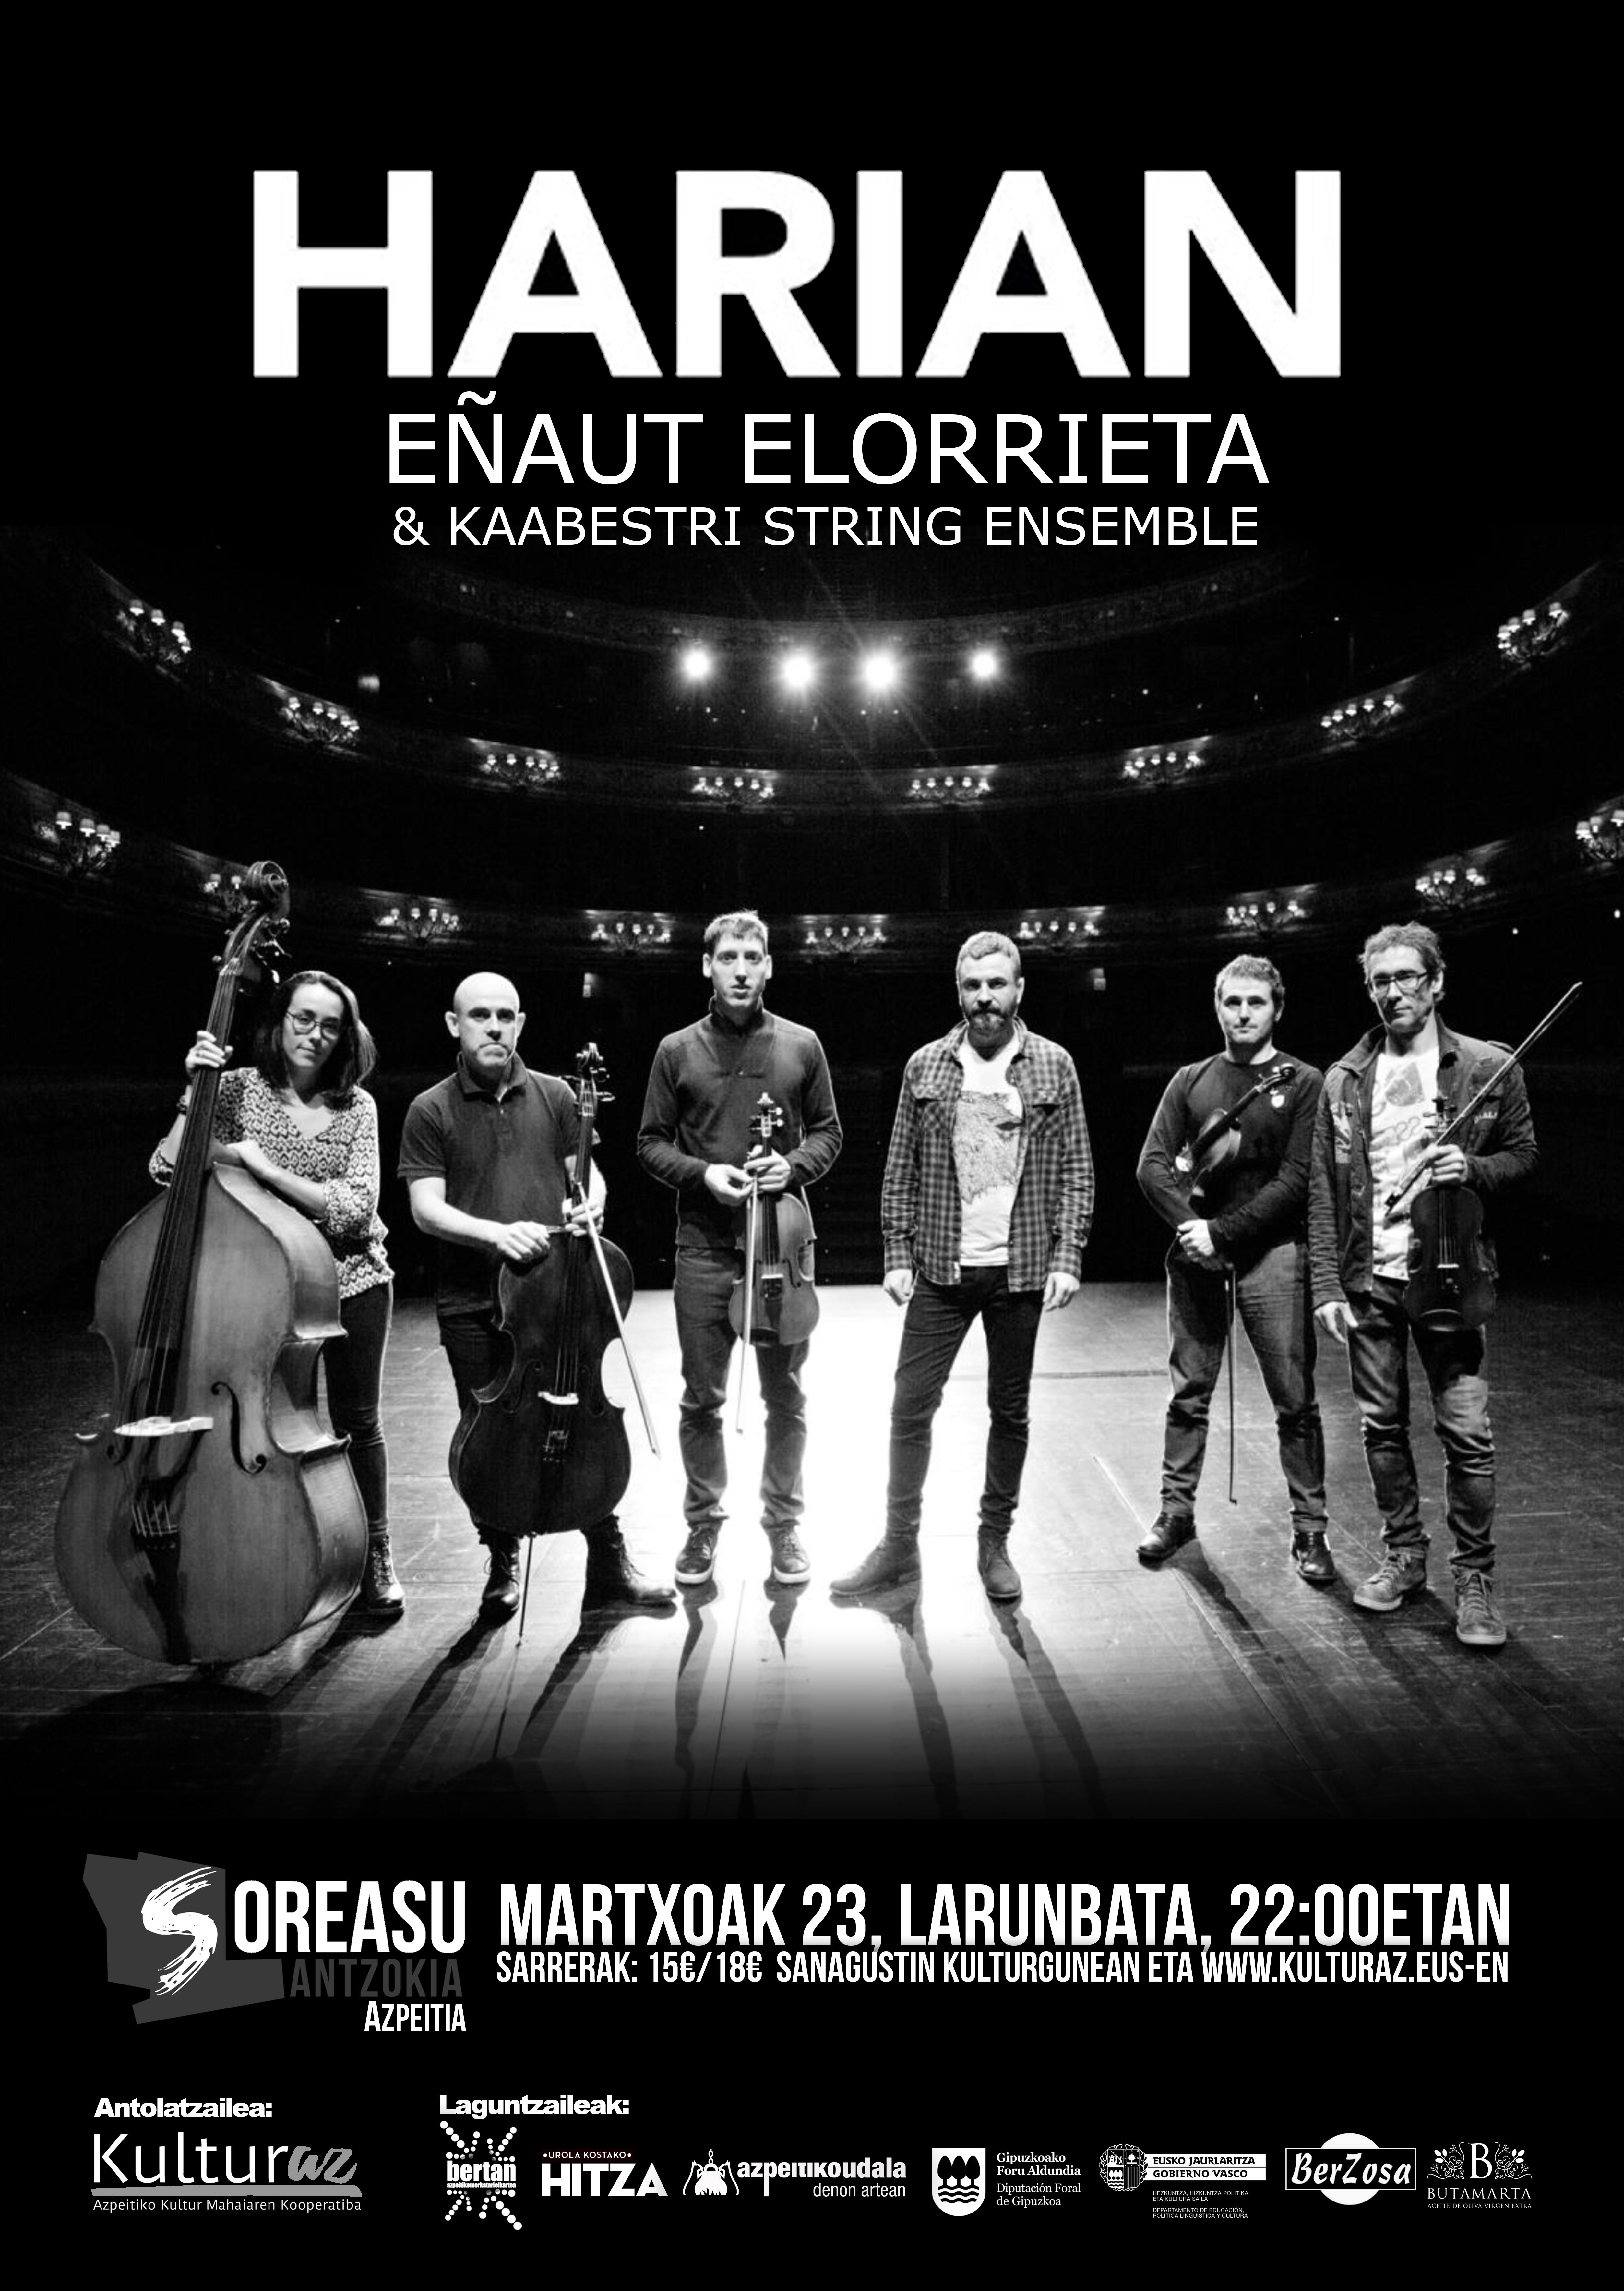 Harian: Eñaut Elorrieta & Kaabestri String Ensemble